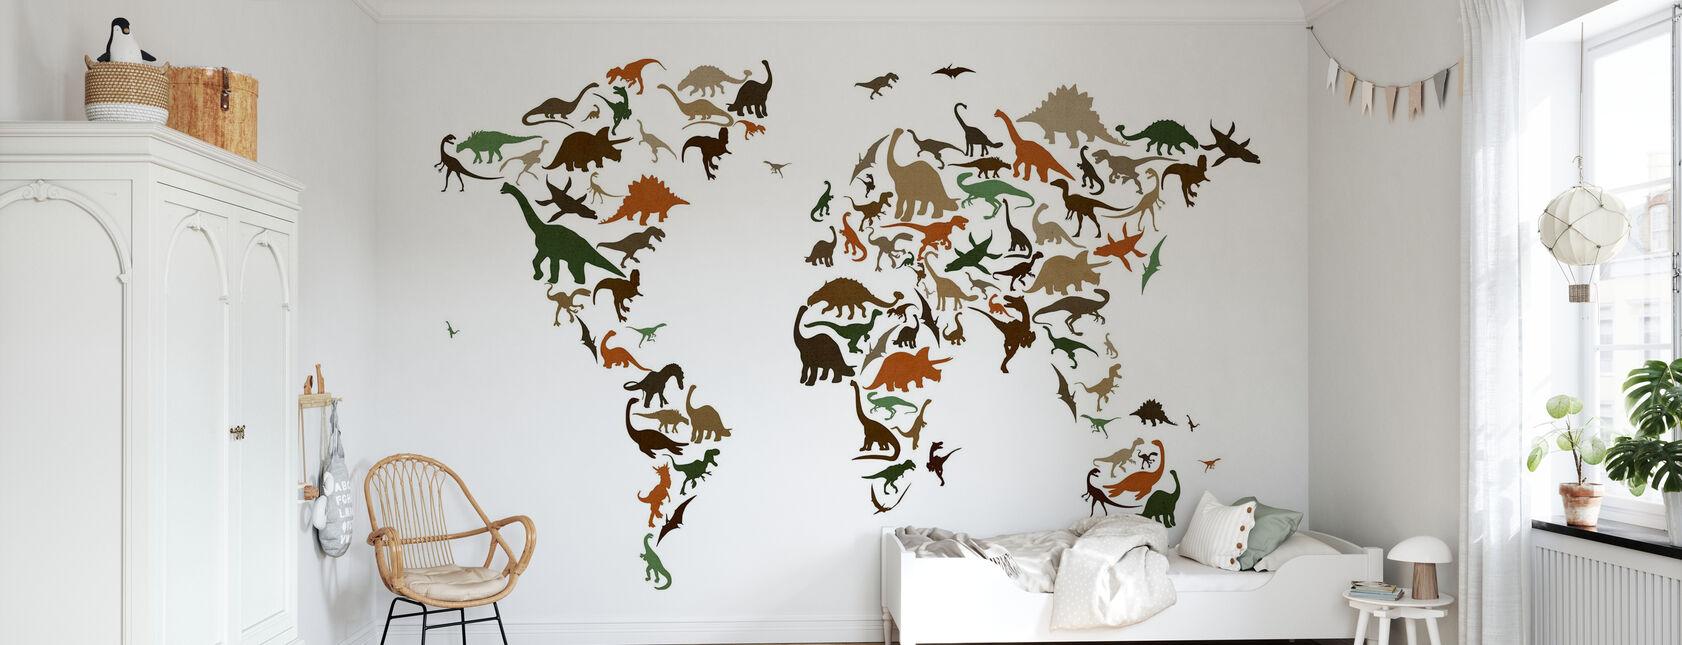 Dinosaur World Map Multicolor - Wallpaper - Kids Room